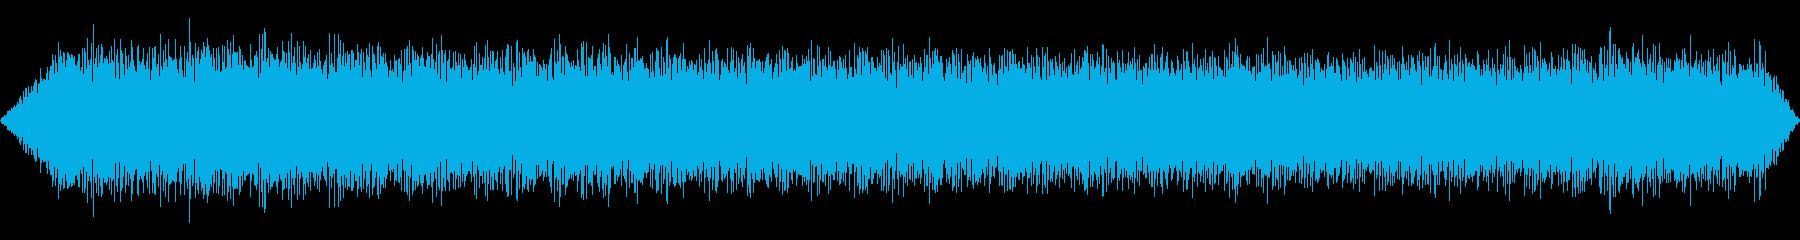 洗濯機の音  脱水の再生済みの波形